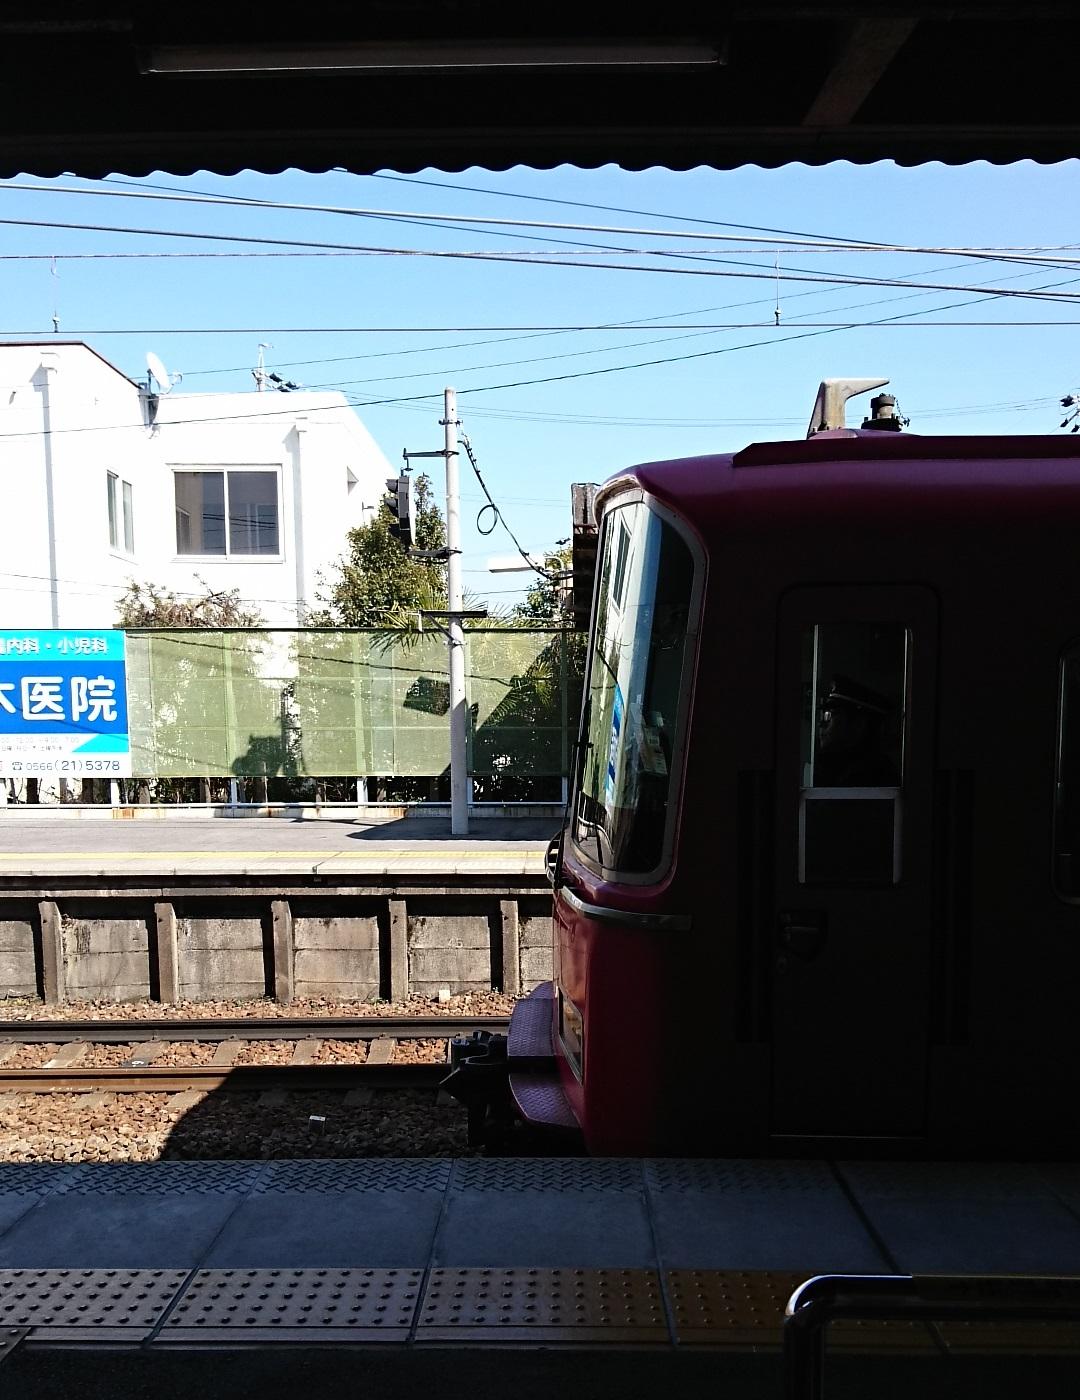 2018.2.26 富士松 (12) 富士松 - 犬山いきふつう 1080-1400